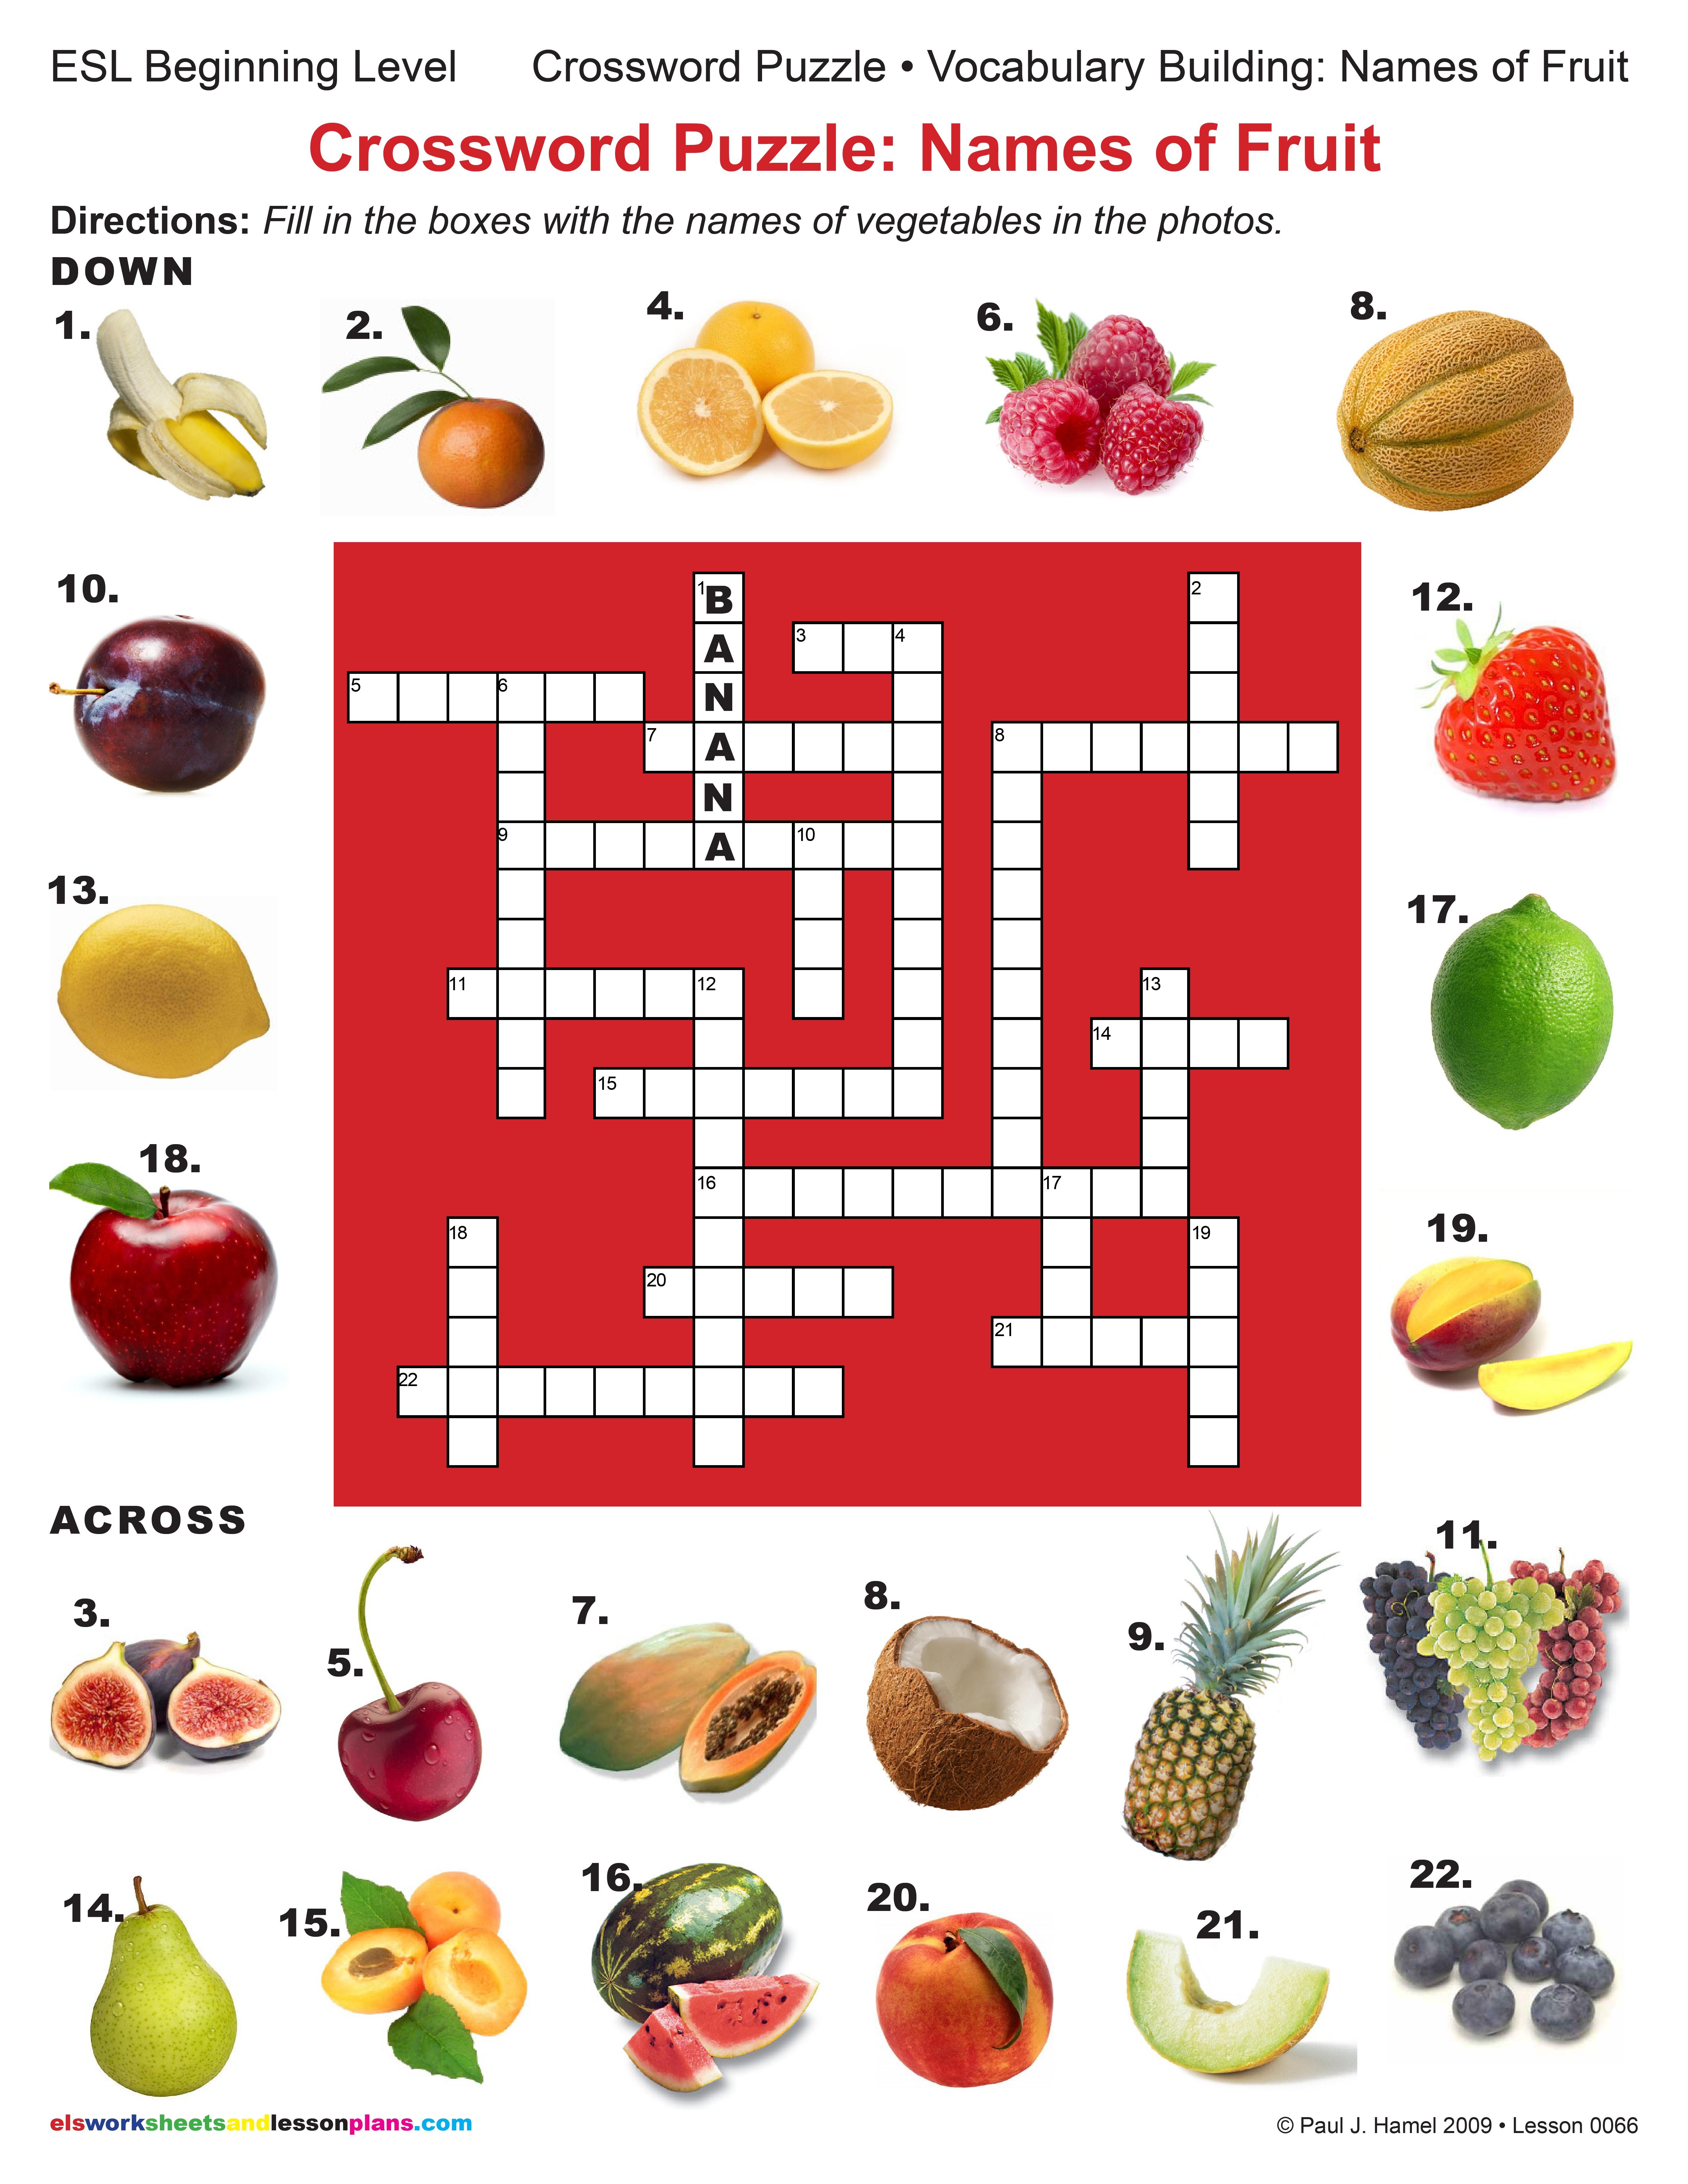 Esl Crossword Puzzle Names Of Fruit Item